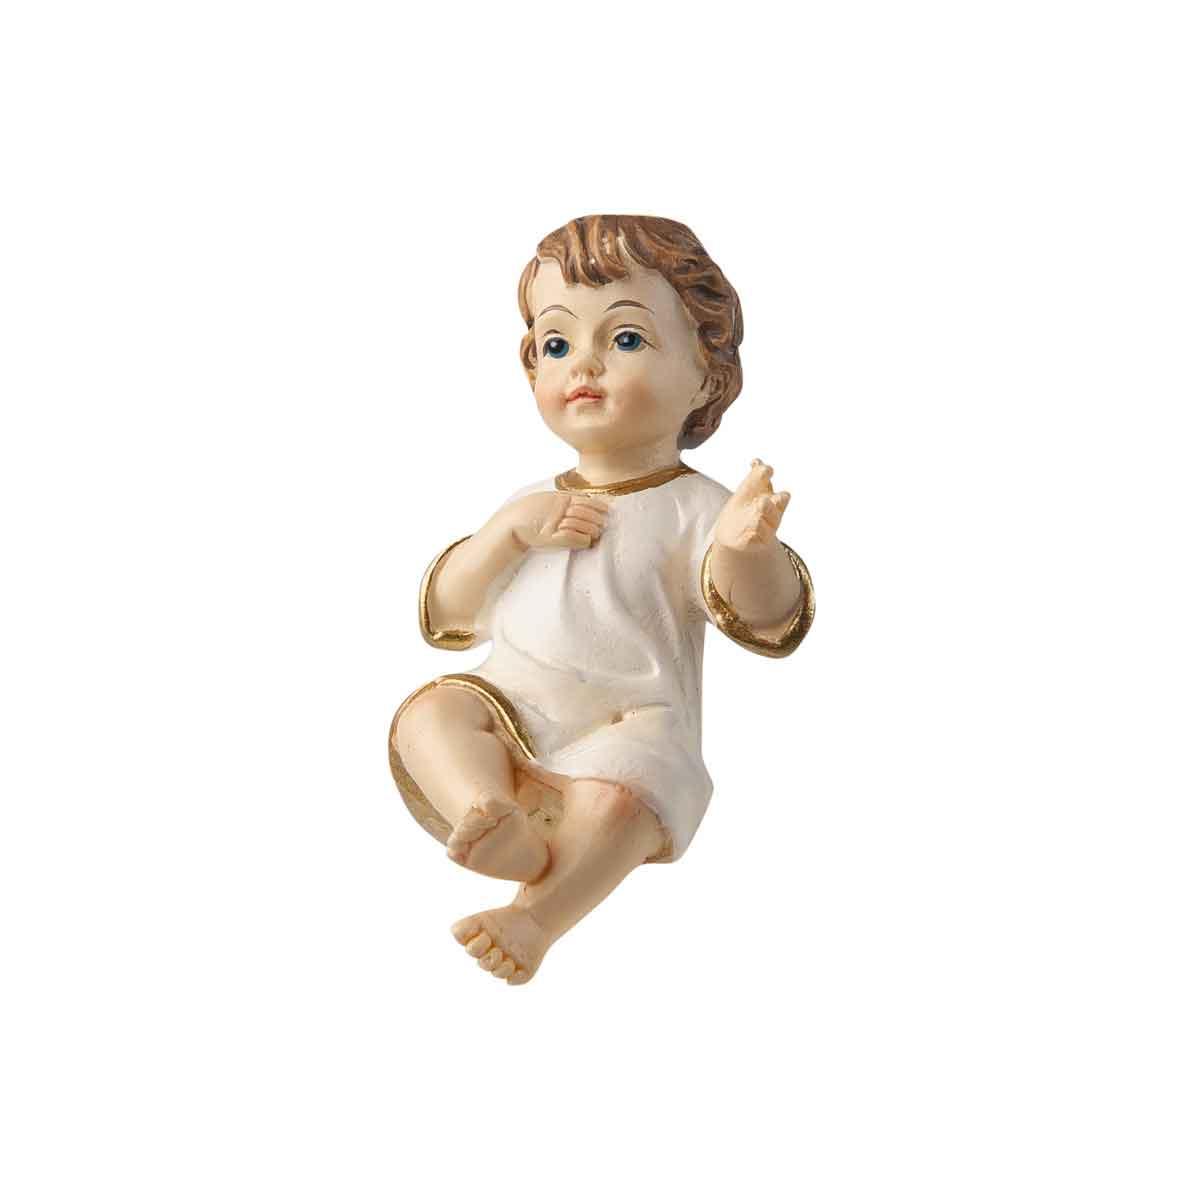 Presepe – Statuetta Gesù Bambino con veste bianca